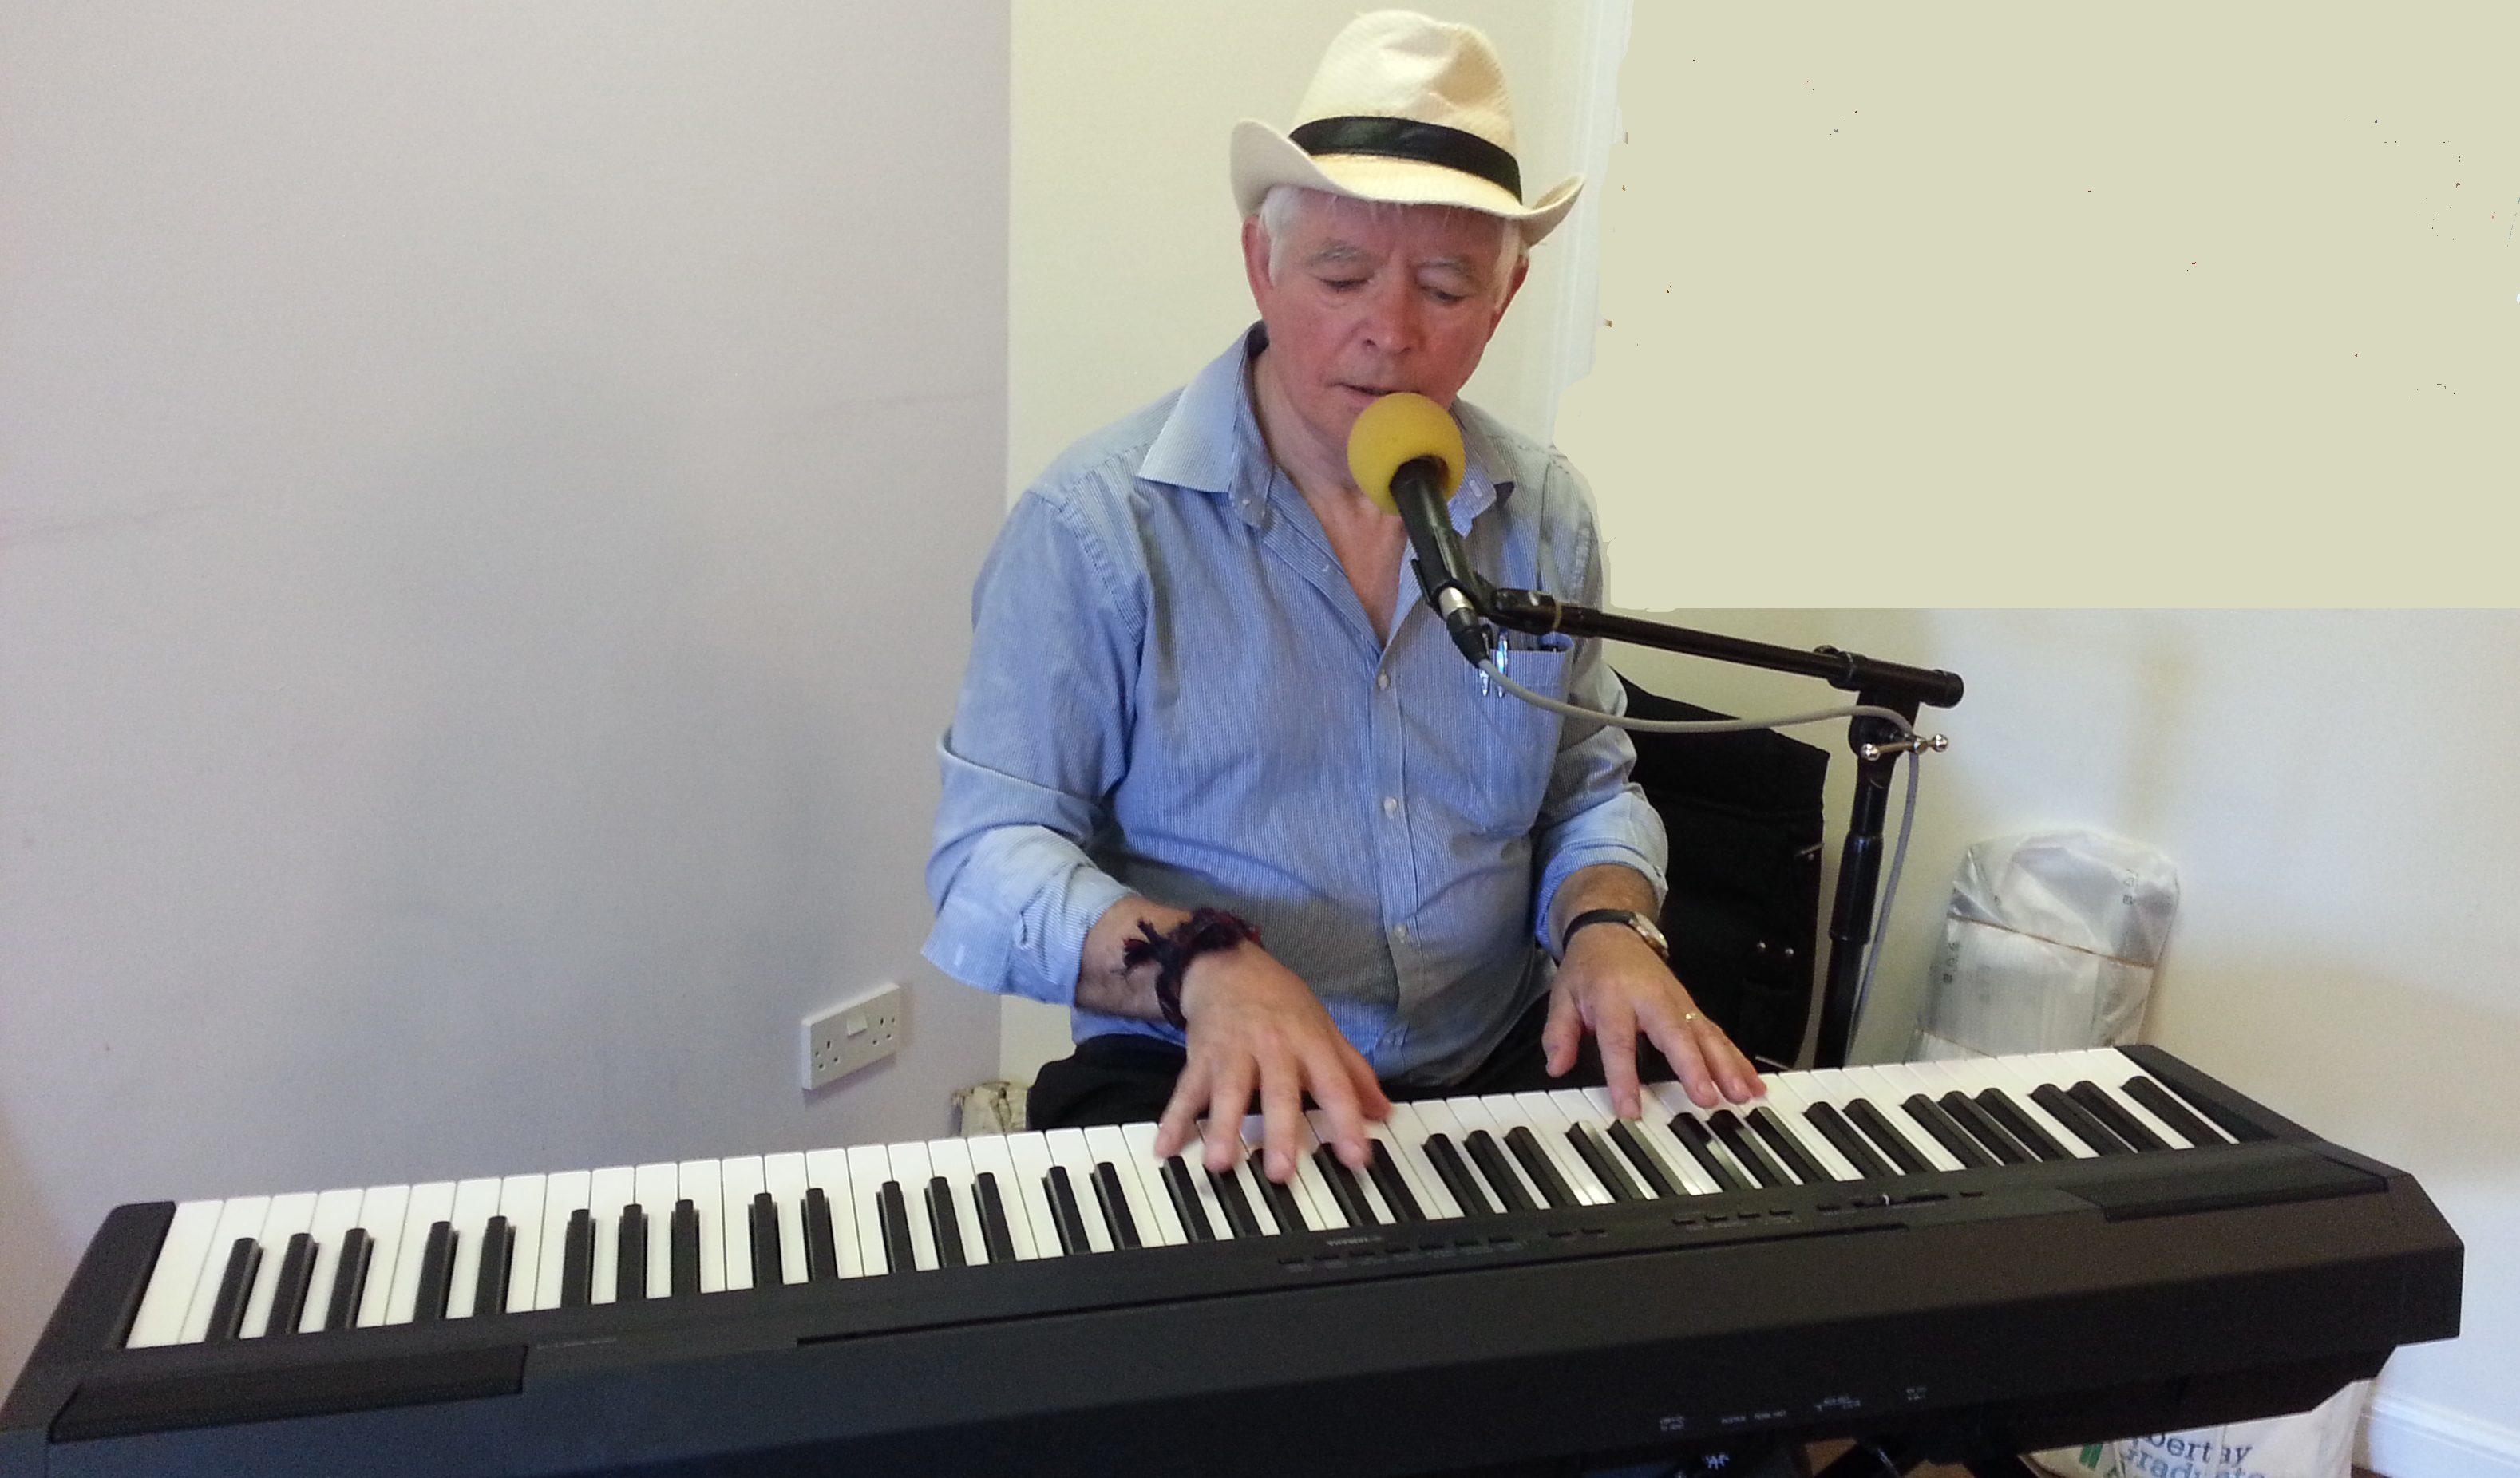 Tayside musician Eddie Cairney